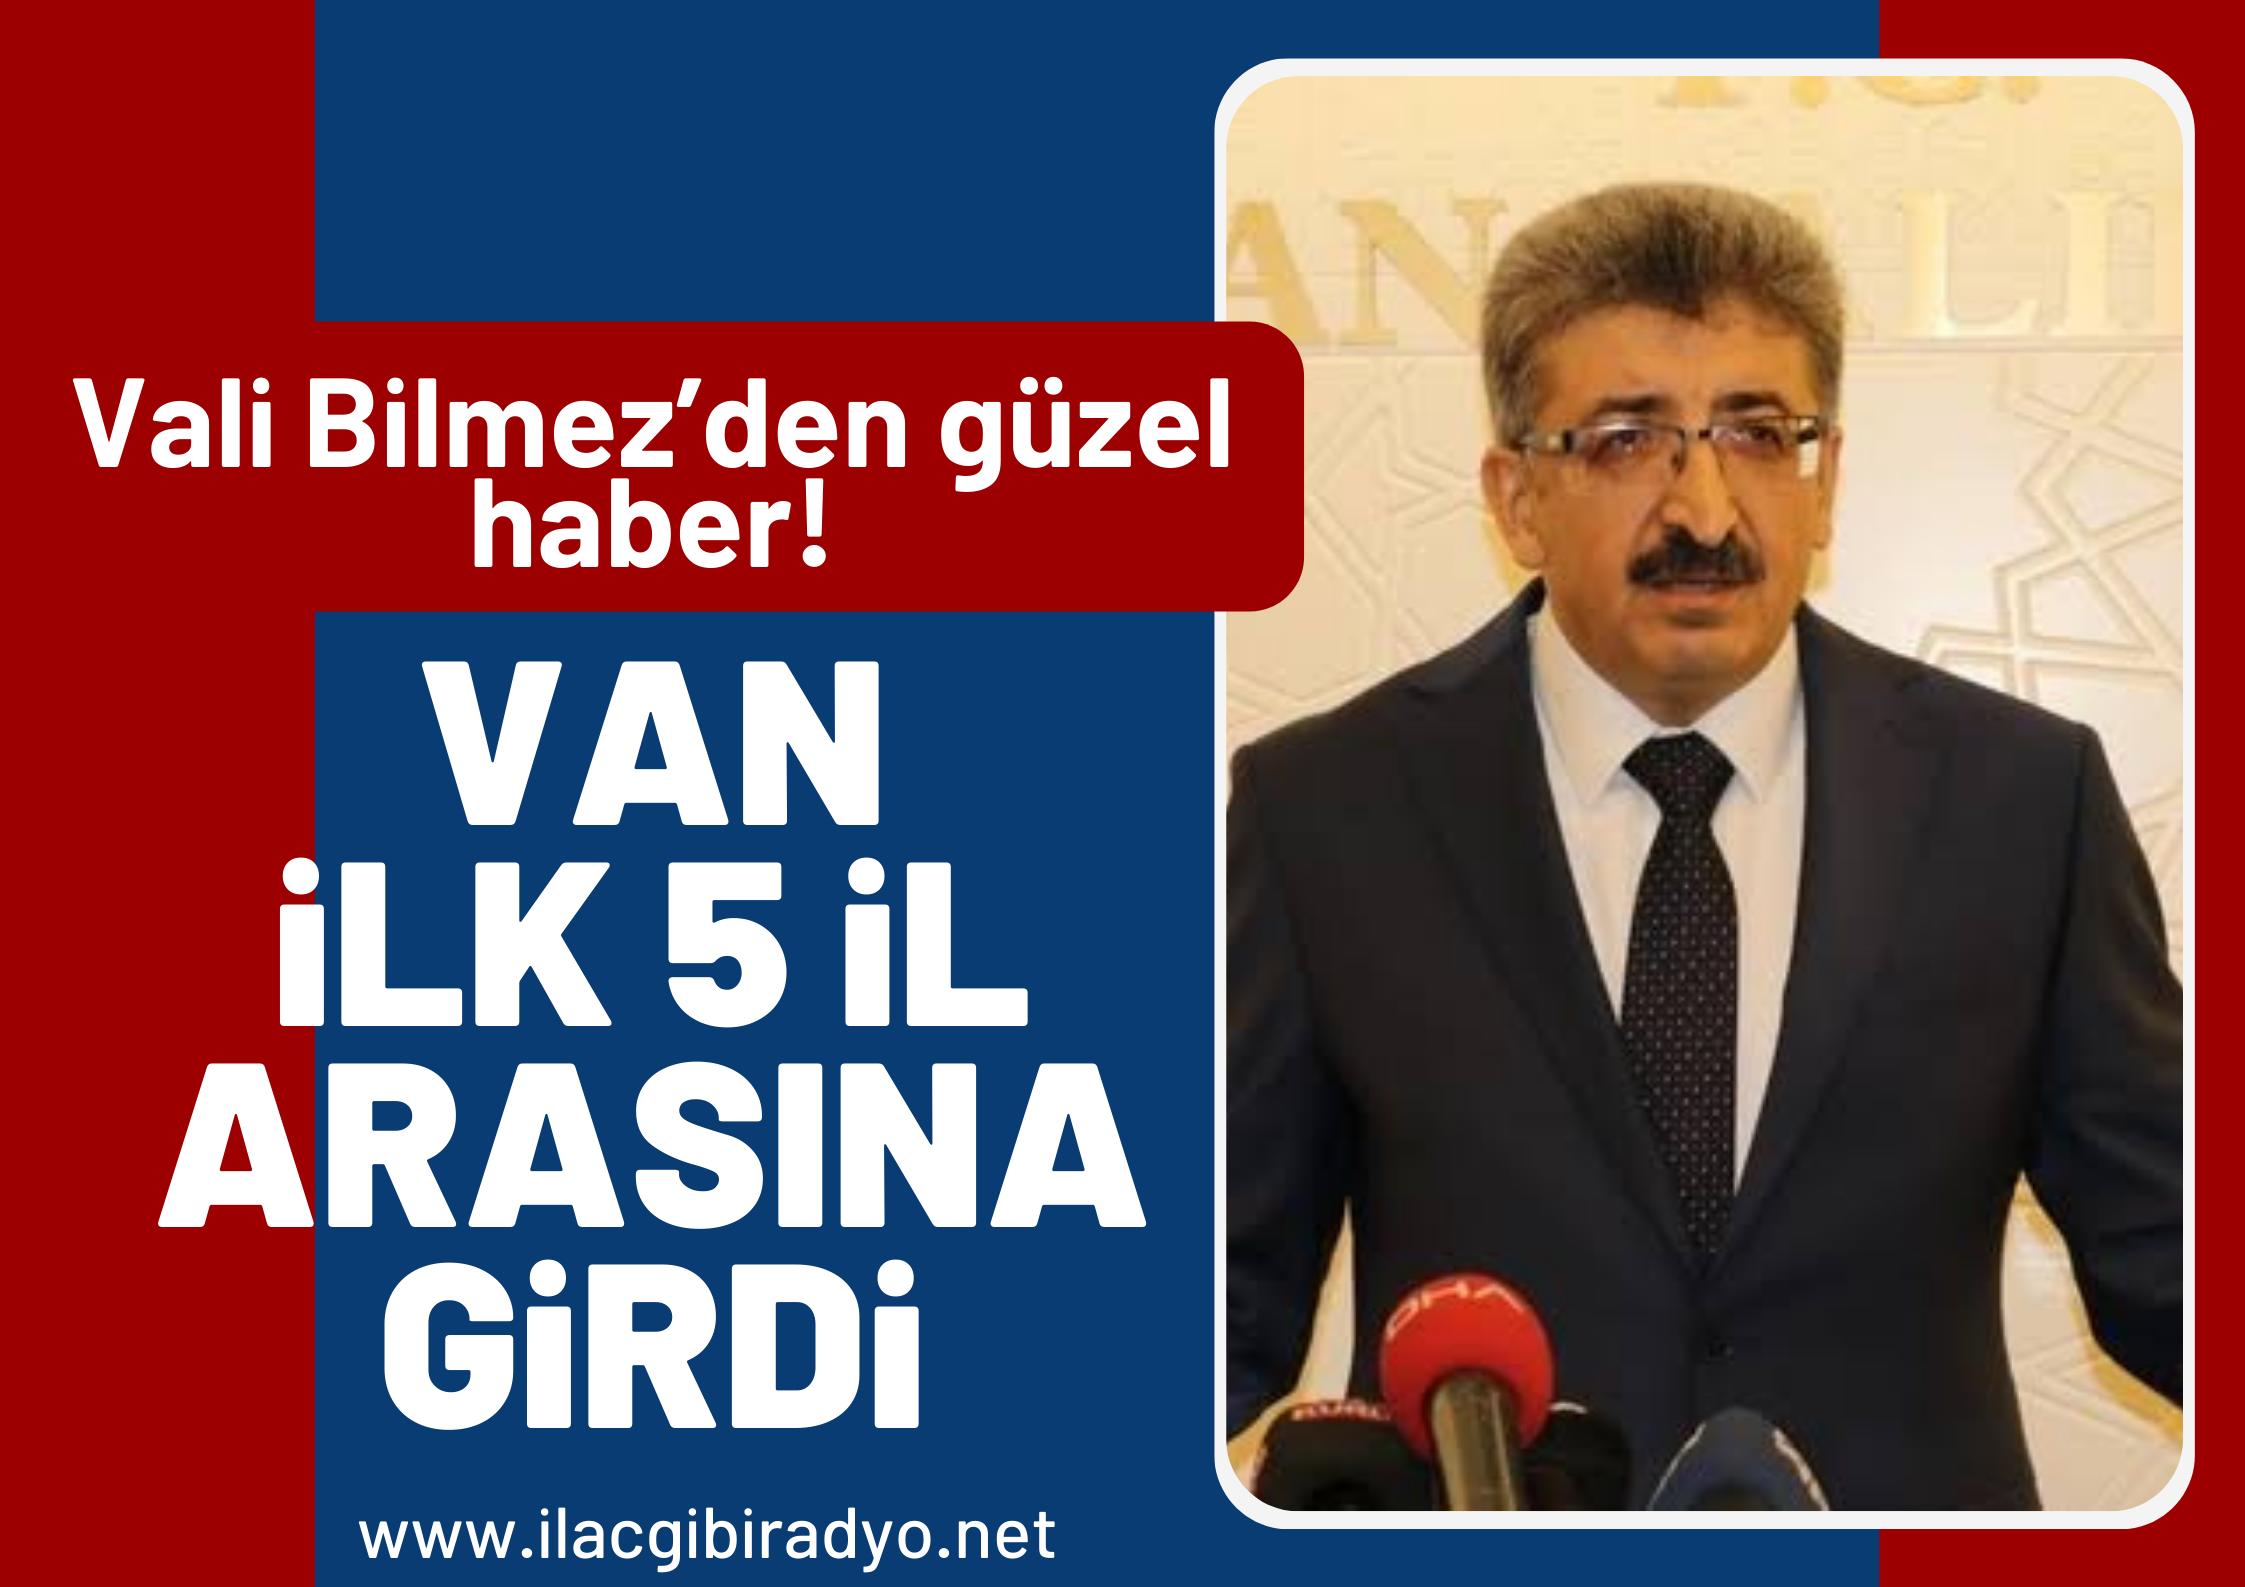 Van Valisi Bilmez'den güzel haber... Van ilk 5 il arasına girdi!